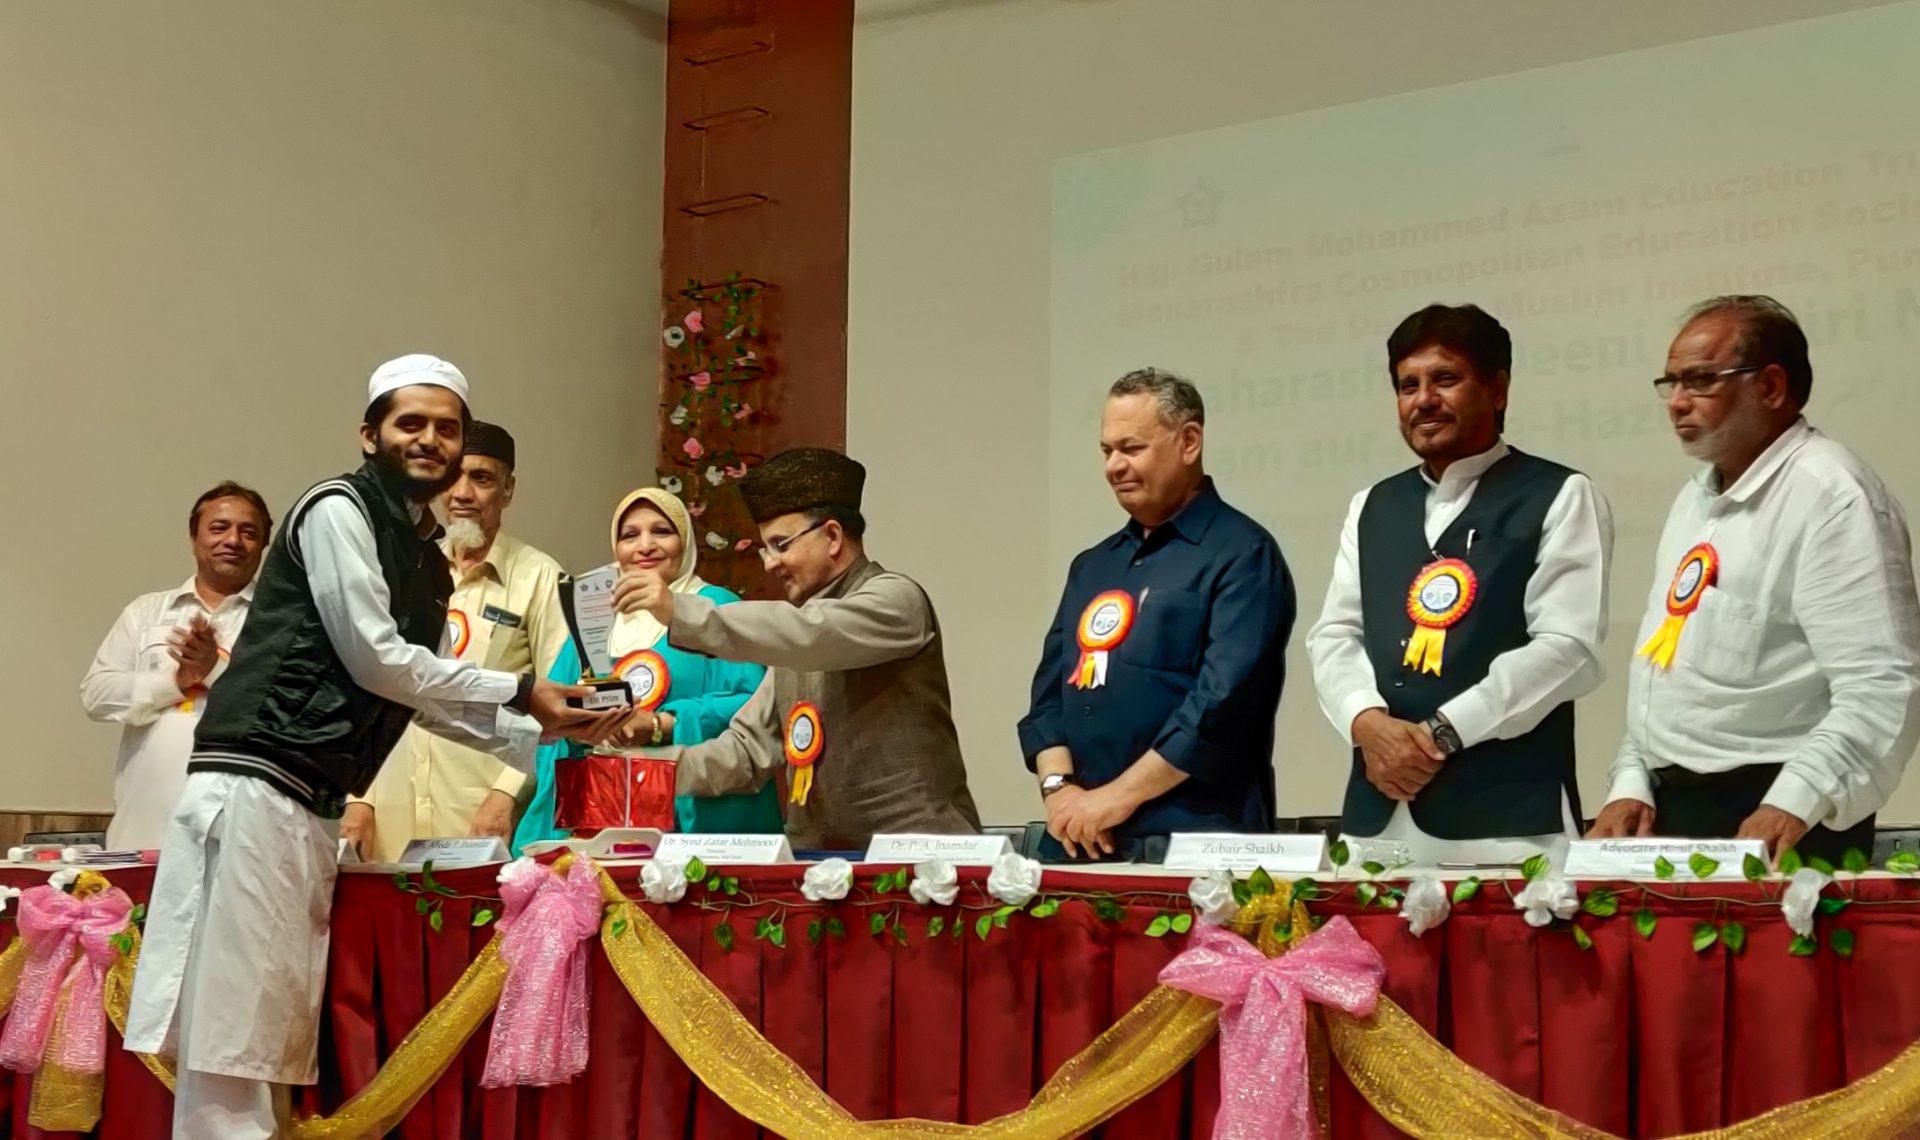 नागरिकत्व नोंदणी असंवैधानिक : डॉ. सईद जफर मेहमूद